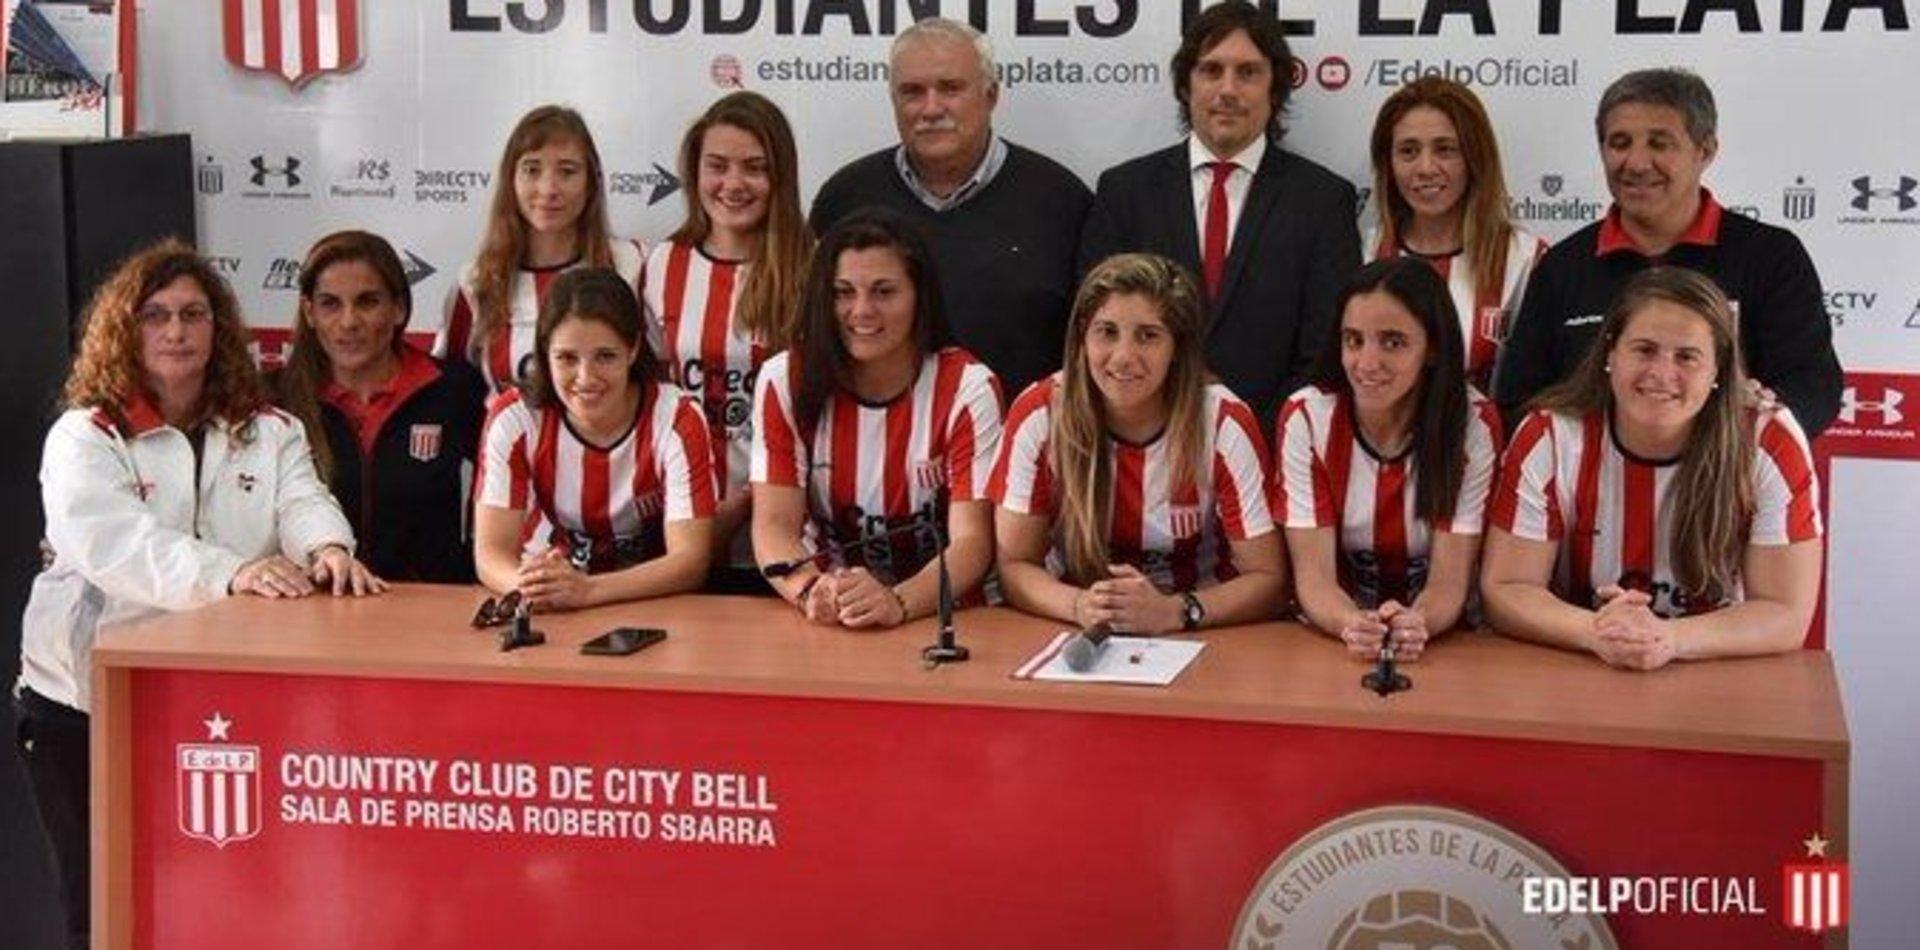 Día histórico para las pinchas: ocho jugadoras de Estudiantes firmaron un contrato profesional